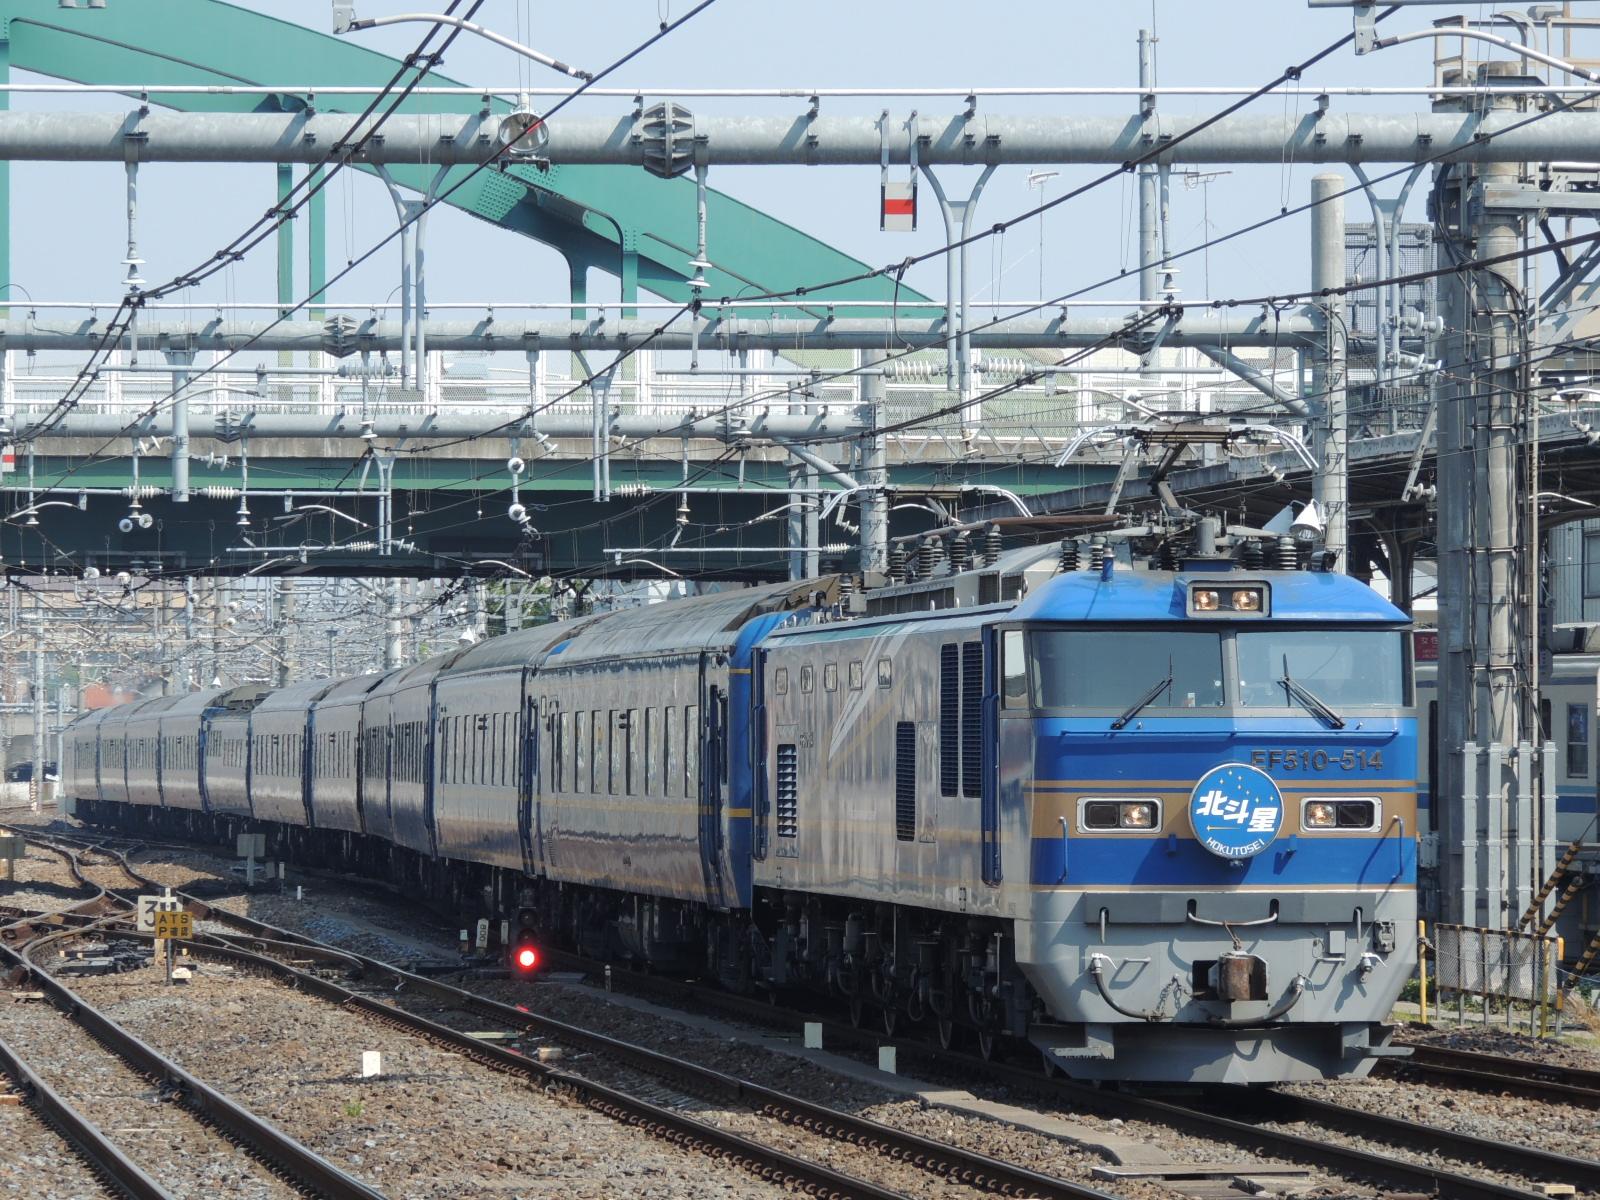 DSCN7704.jpg